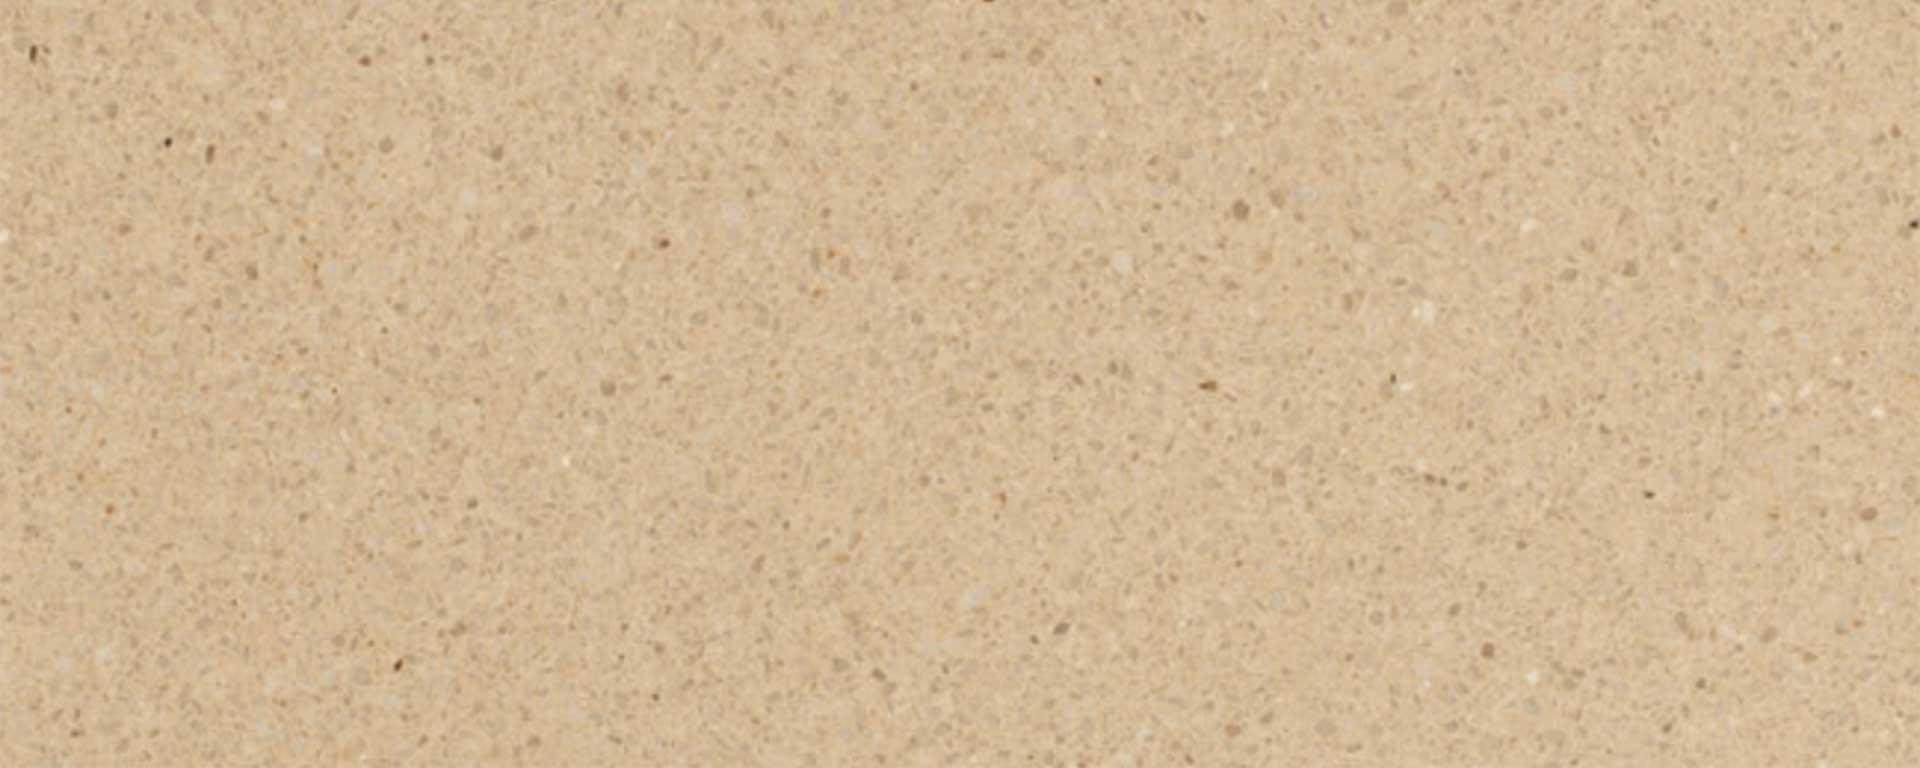 MMDA-003-terrazzo-marmo-cemento